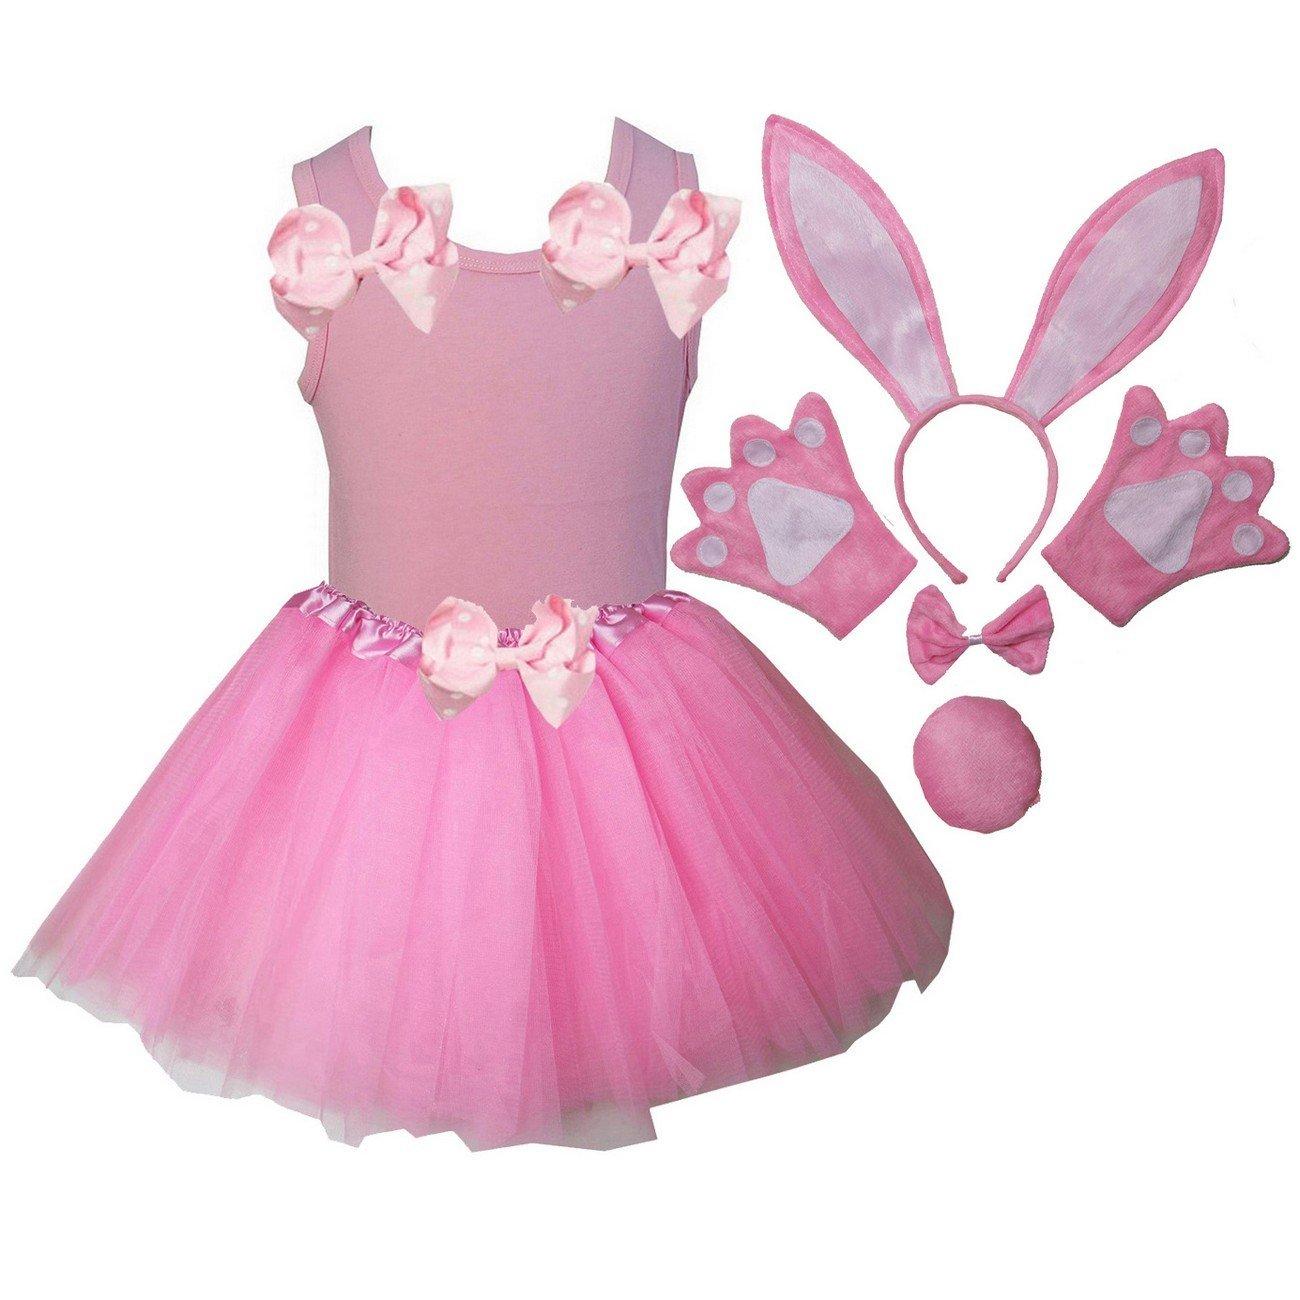 Kids Bunny Tutu Costume